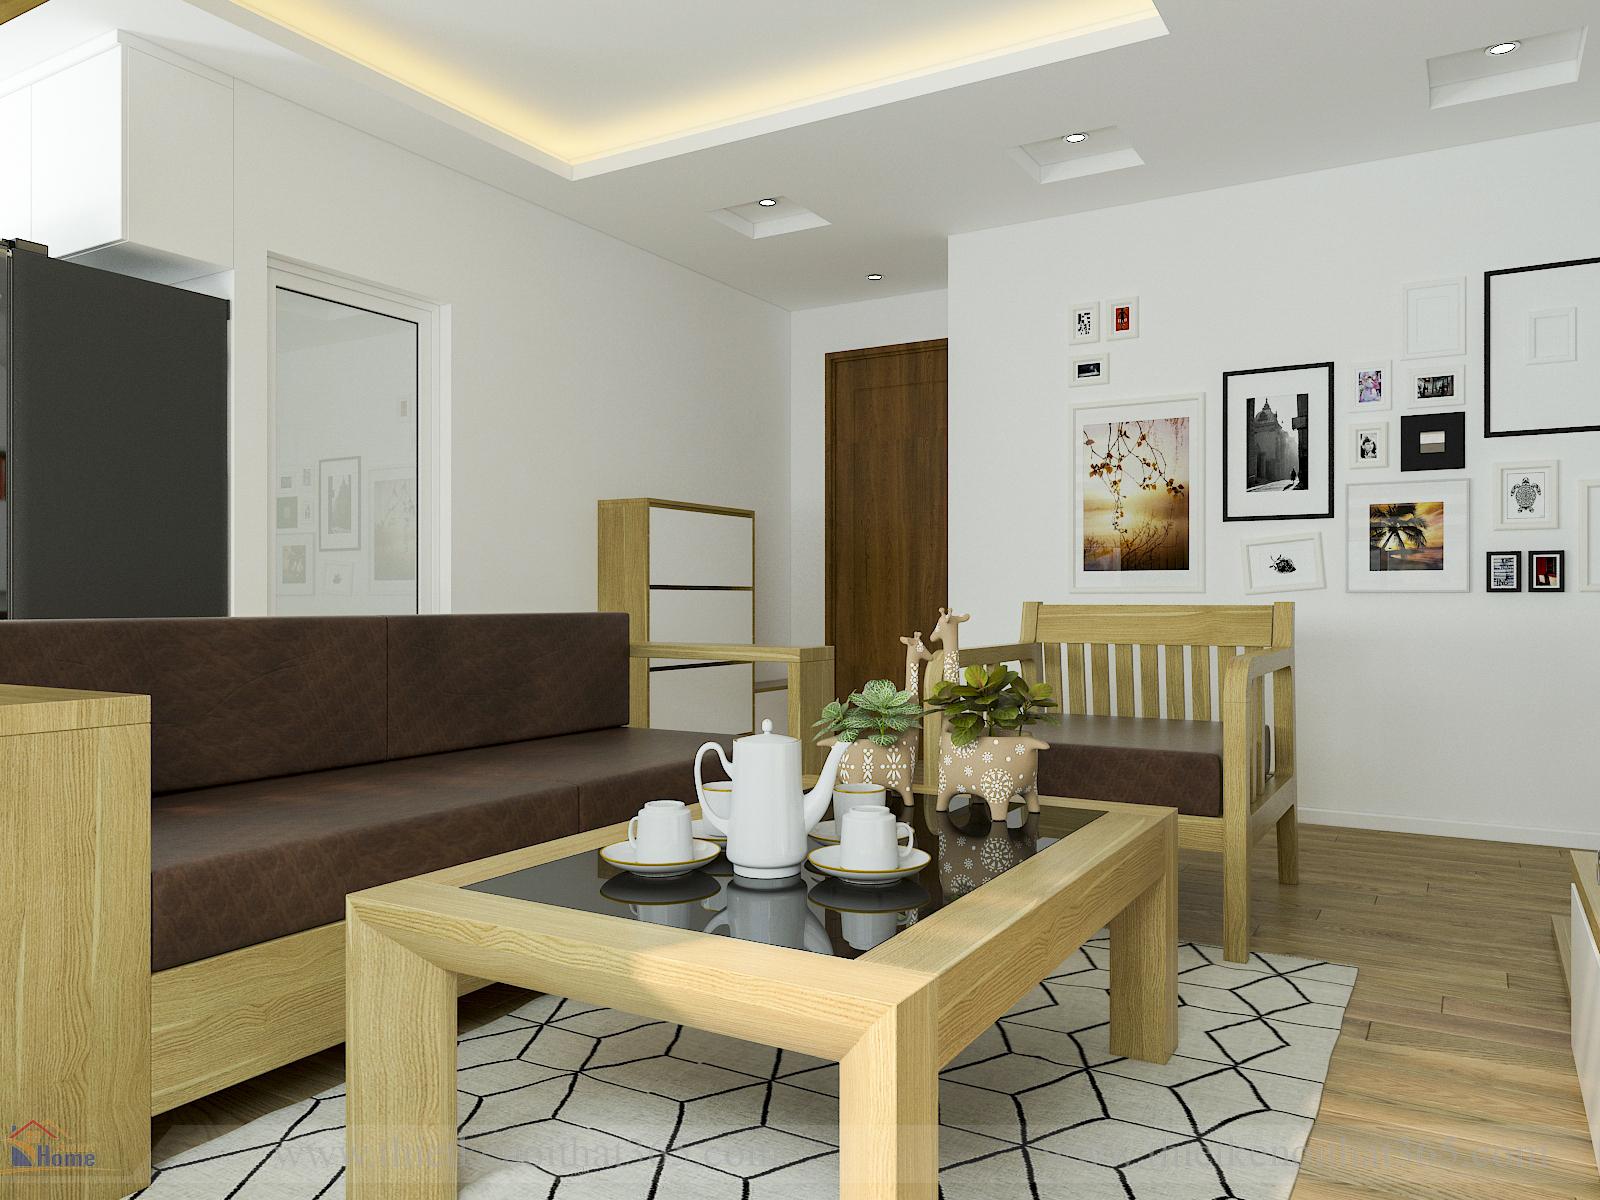 Thiết kế nội thất đẹp cho không gian diện tích nhỏ